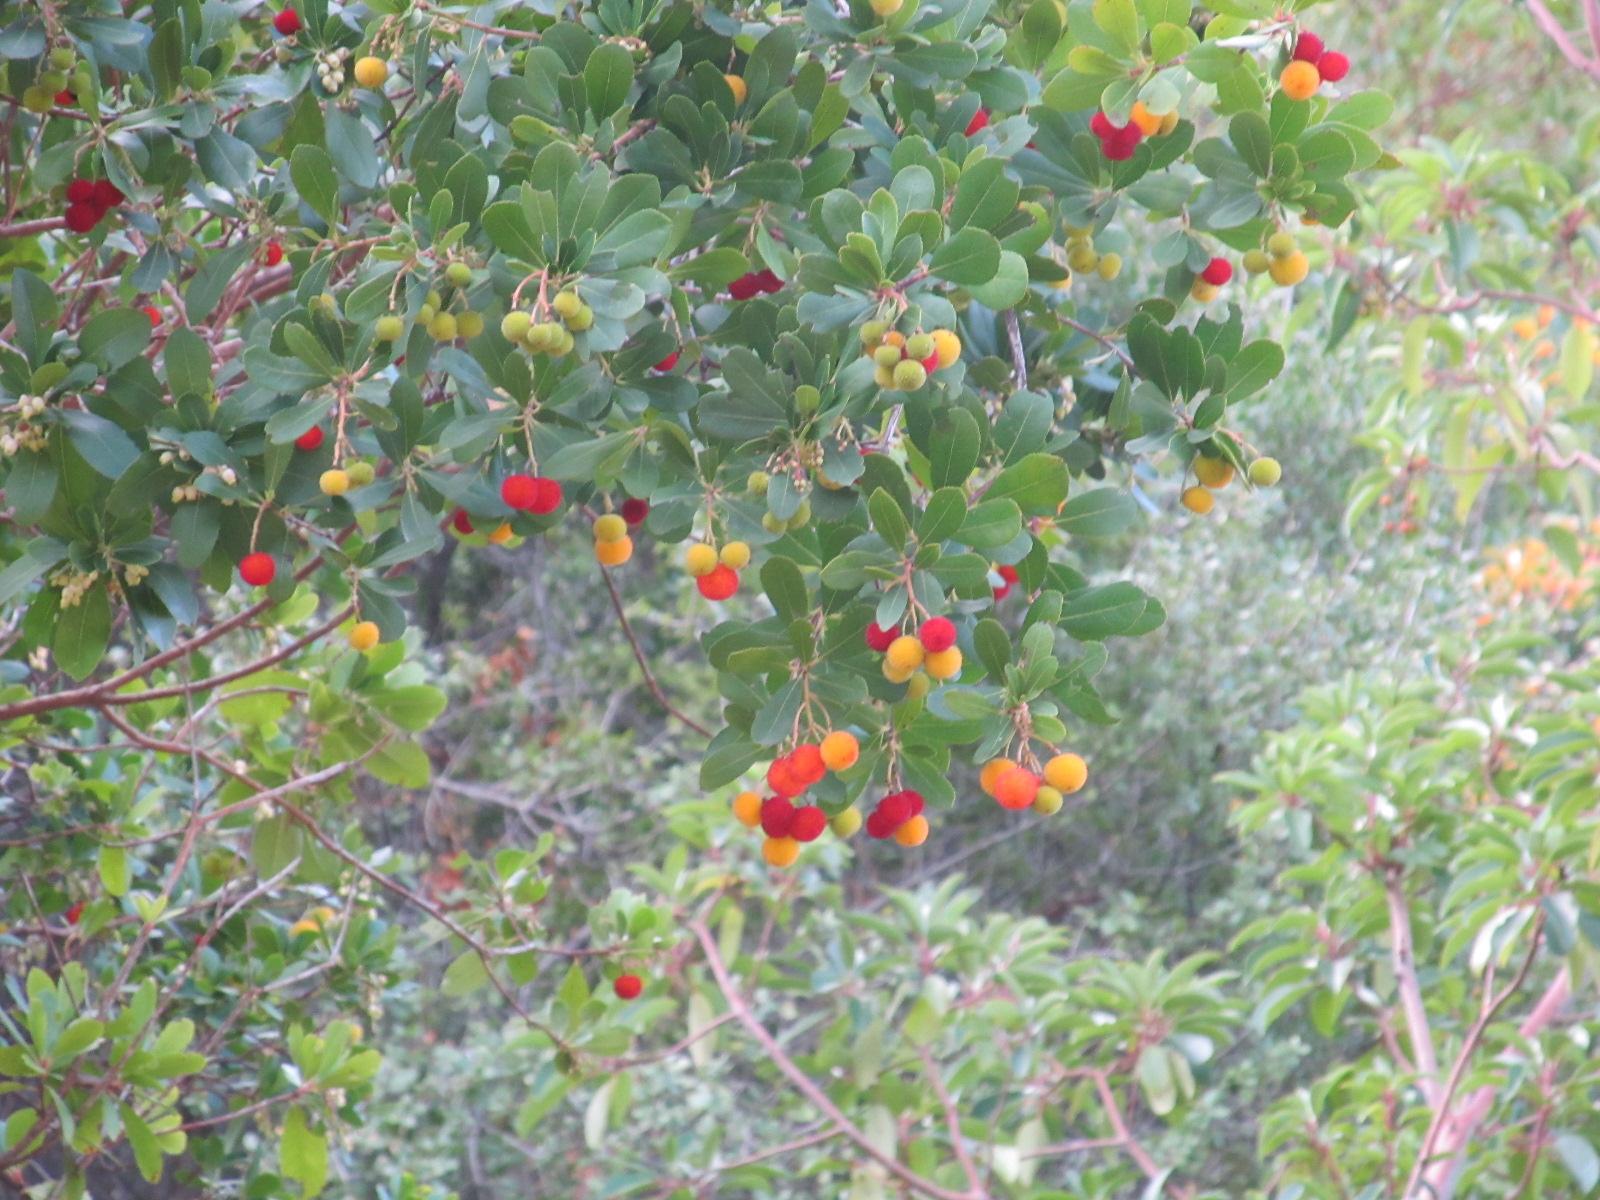 Koca yemiş ağacı ve meyveleri